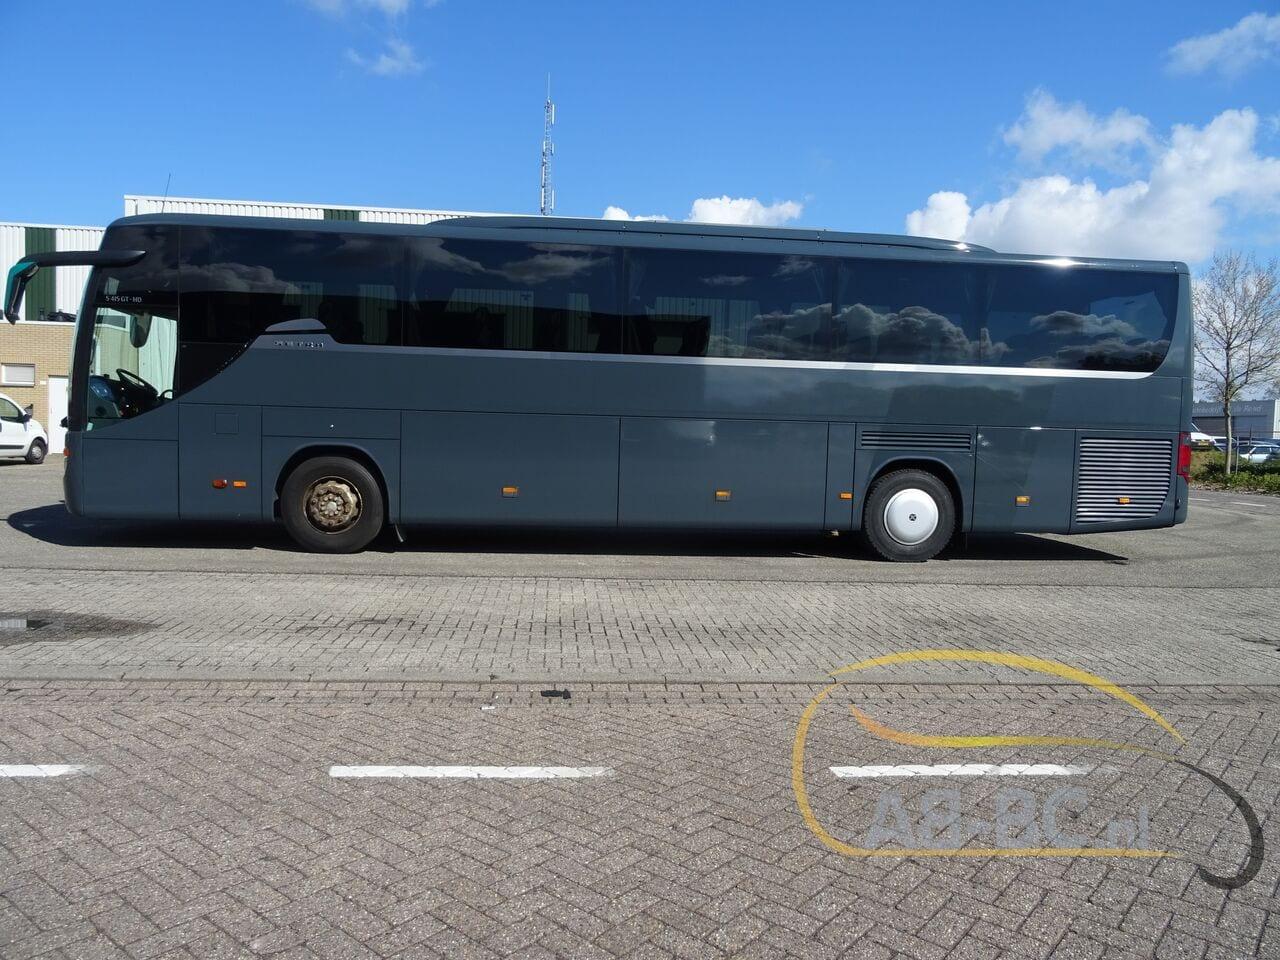 coach-busSETRA-S415-GT-HD-FINAL-EDITION-51-SEATS-LIFTBUS---1620381859601445535_big_3b4a20d6b6123d6da895727b87cf10ae--21050713010665719300